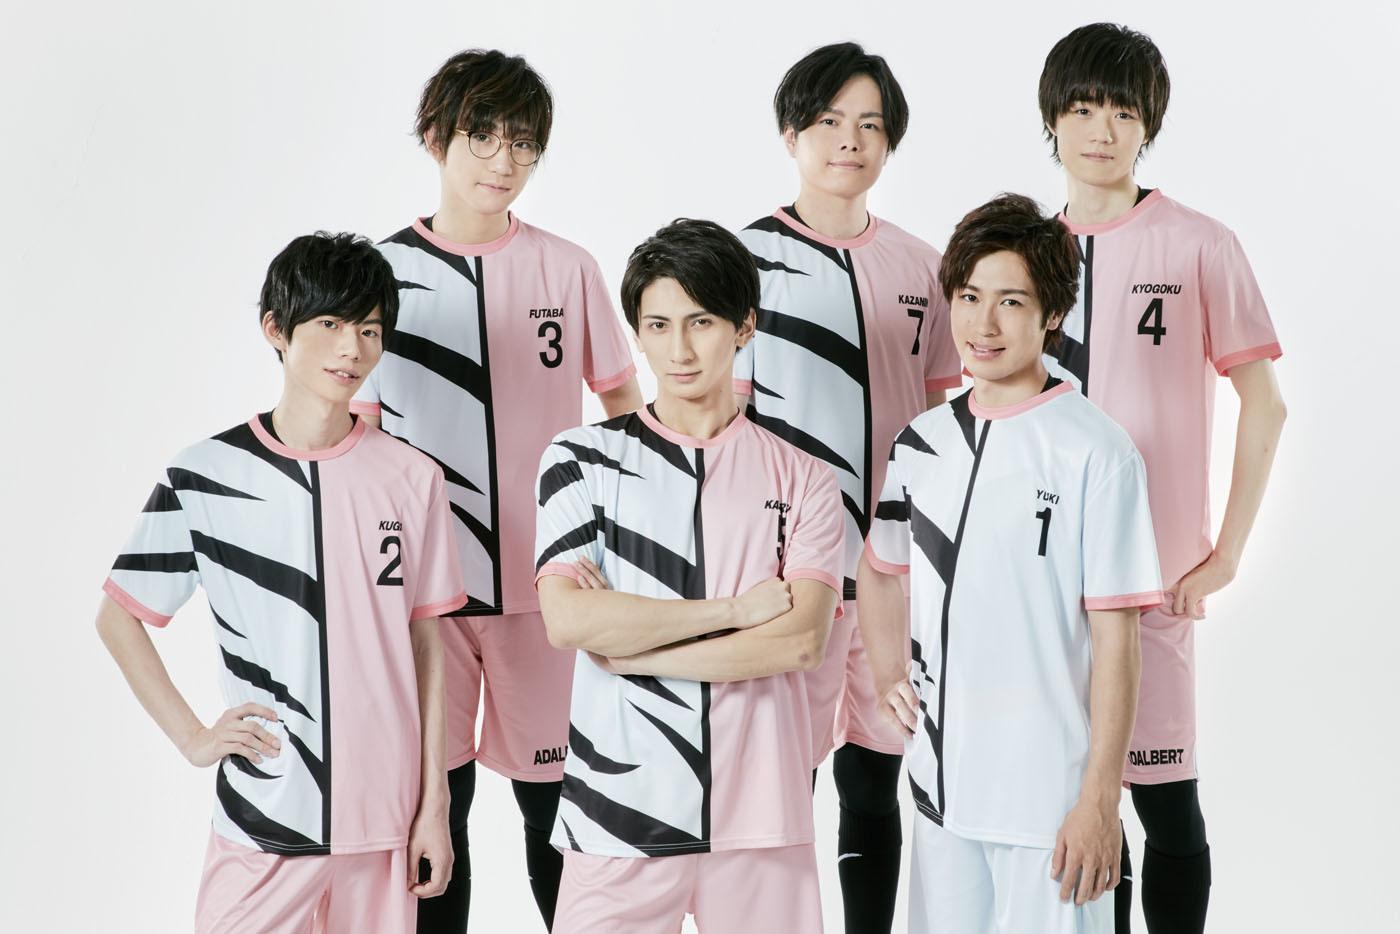 .アーダルベルト学院集合 (C)FUTSAL BOYS!!!!! ORIGINAL WORK